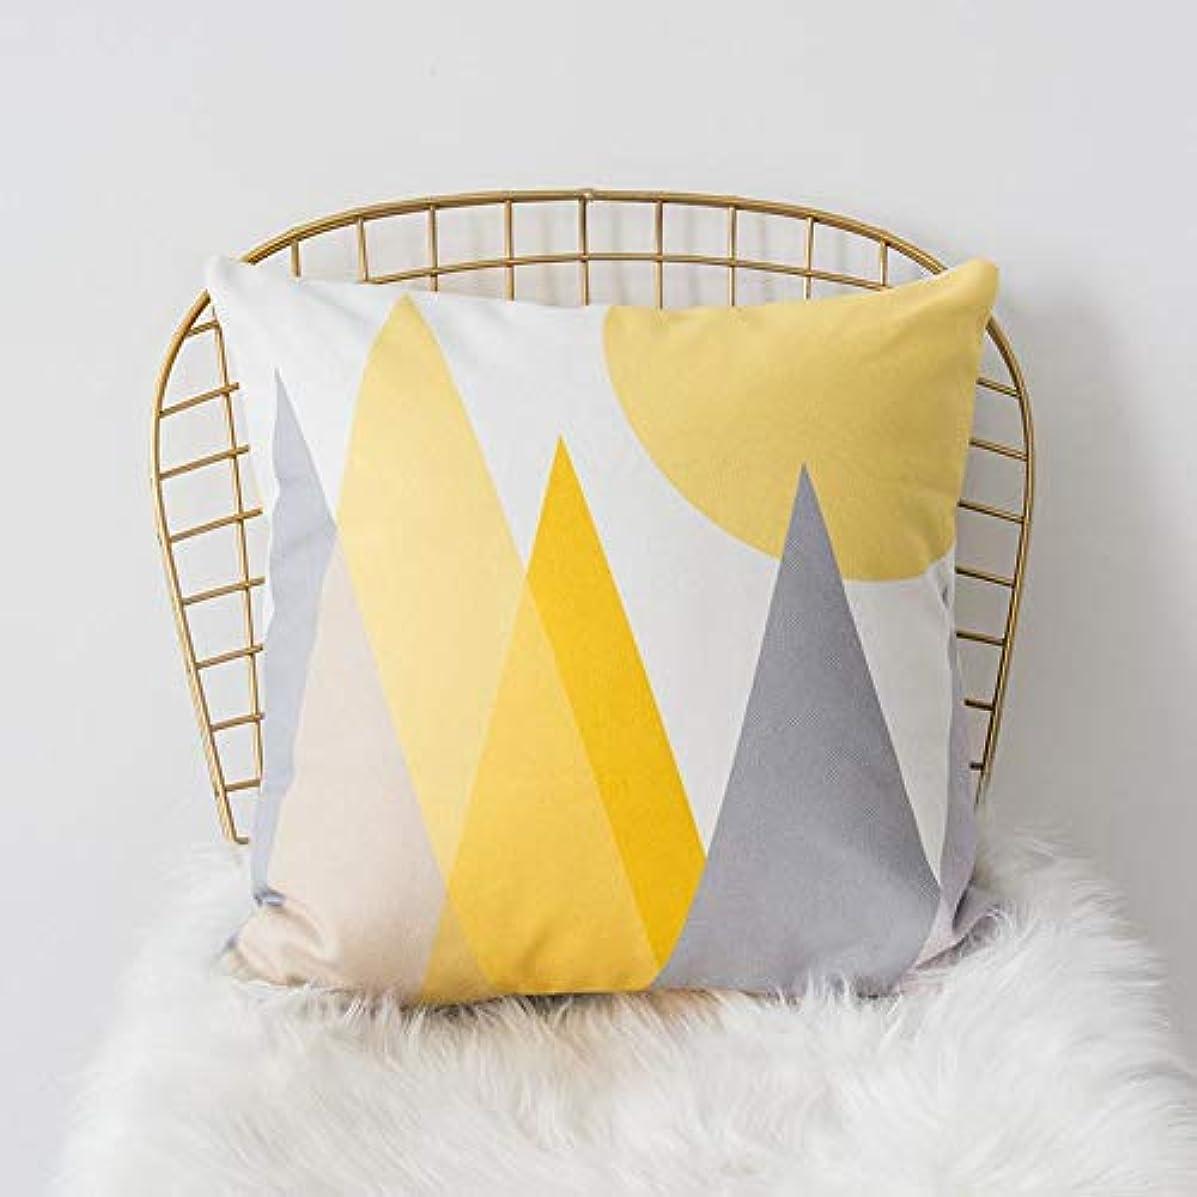 悲観主義者理解する微弱LIFE 黄色グレー枕北欧スタイル黄色ヘラジカ幾何枕リビングルームのインテリアソファクッション Cojines 装飾良質 クッション 椅子